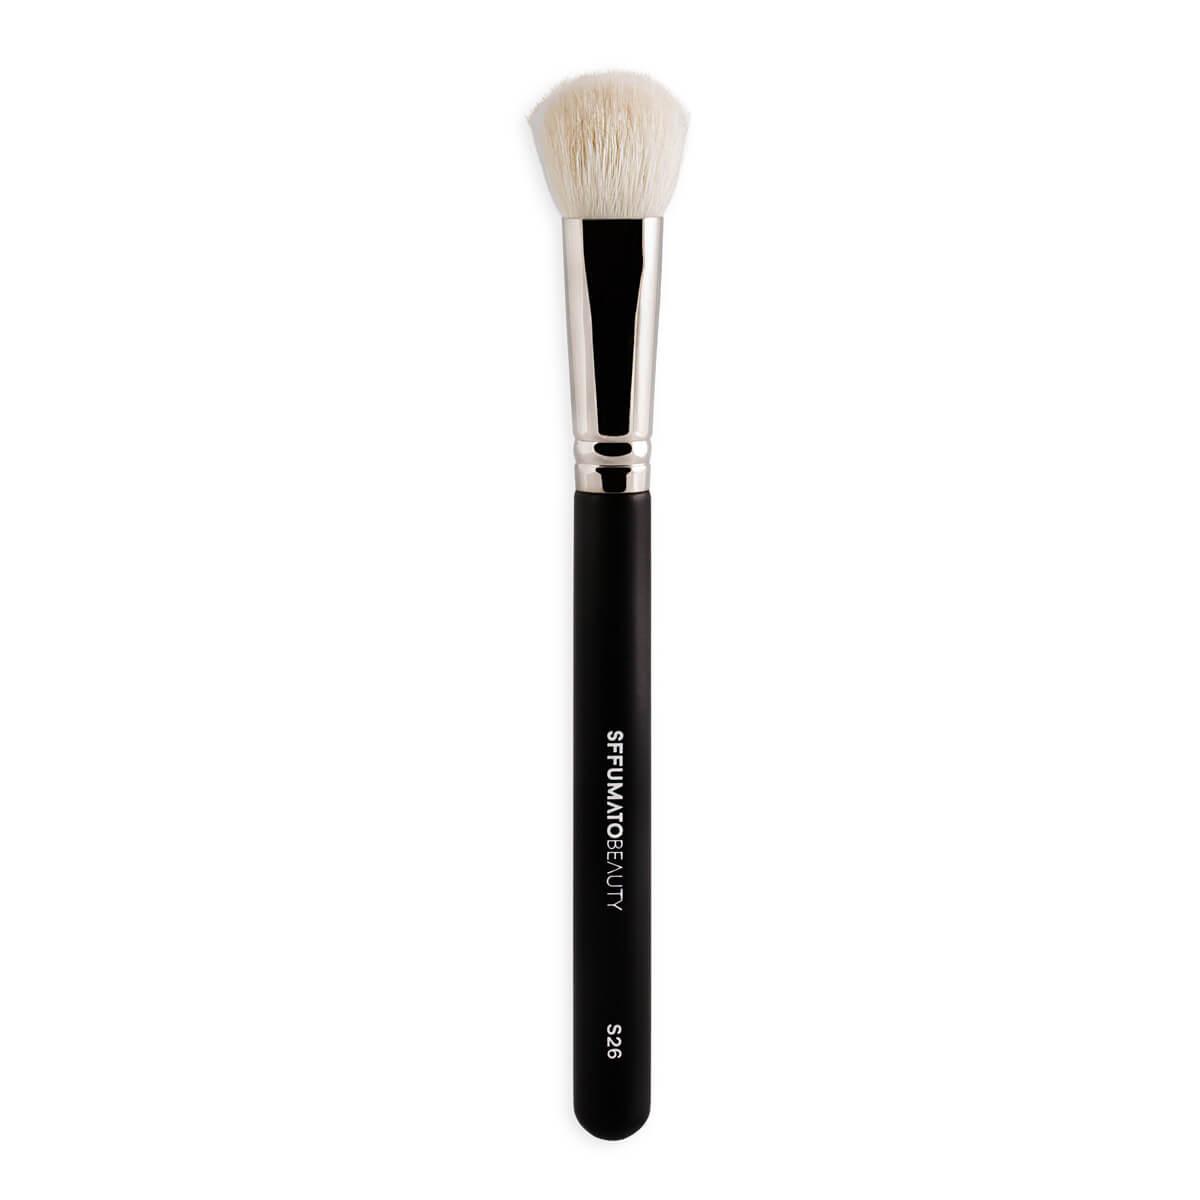 S26 - Pincel Para Contorno E Iluminador Sffumato Beauty